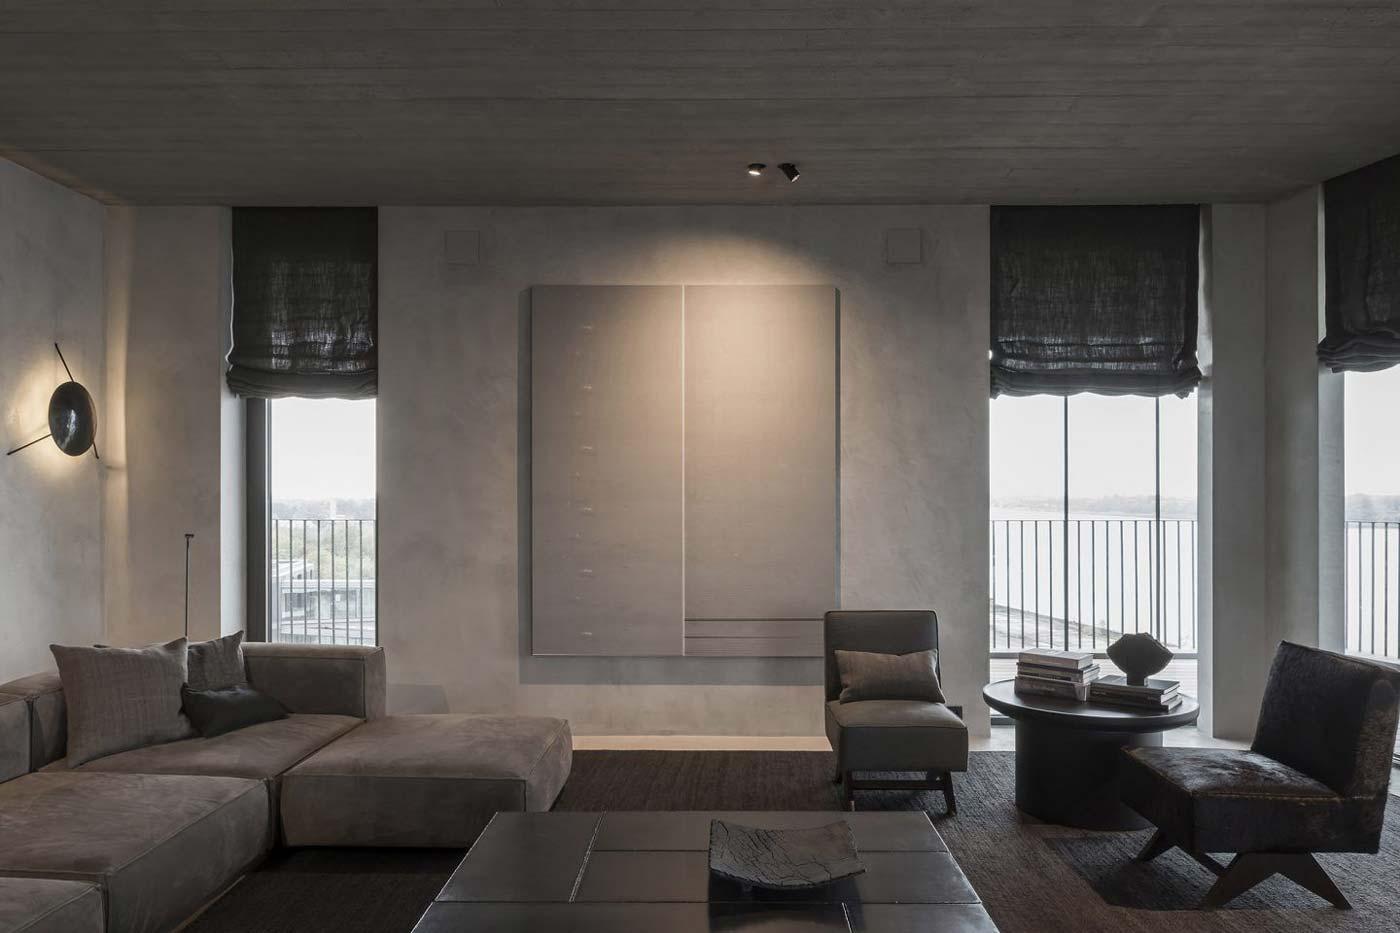 Illuminazione di un soggiorno moderno: tutti i segreti